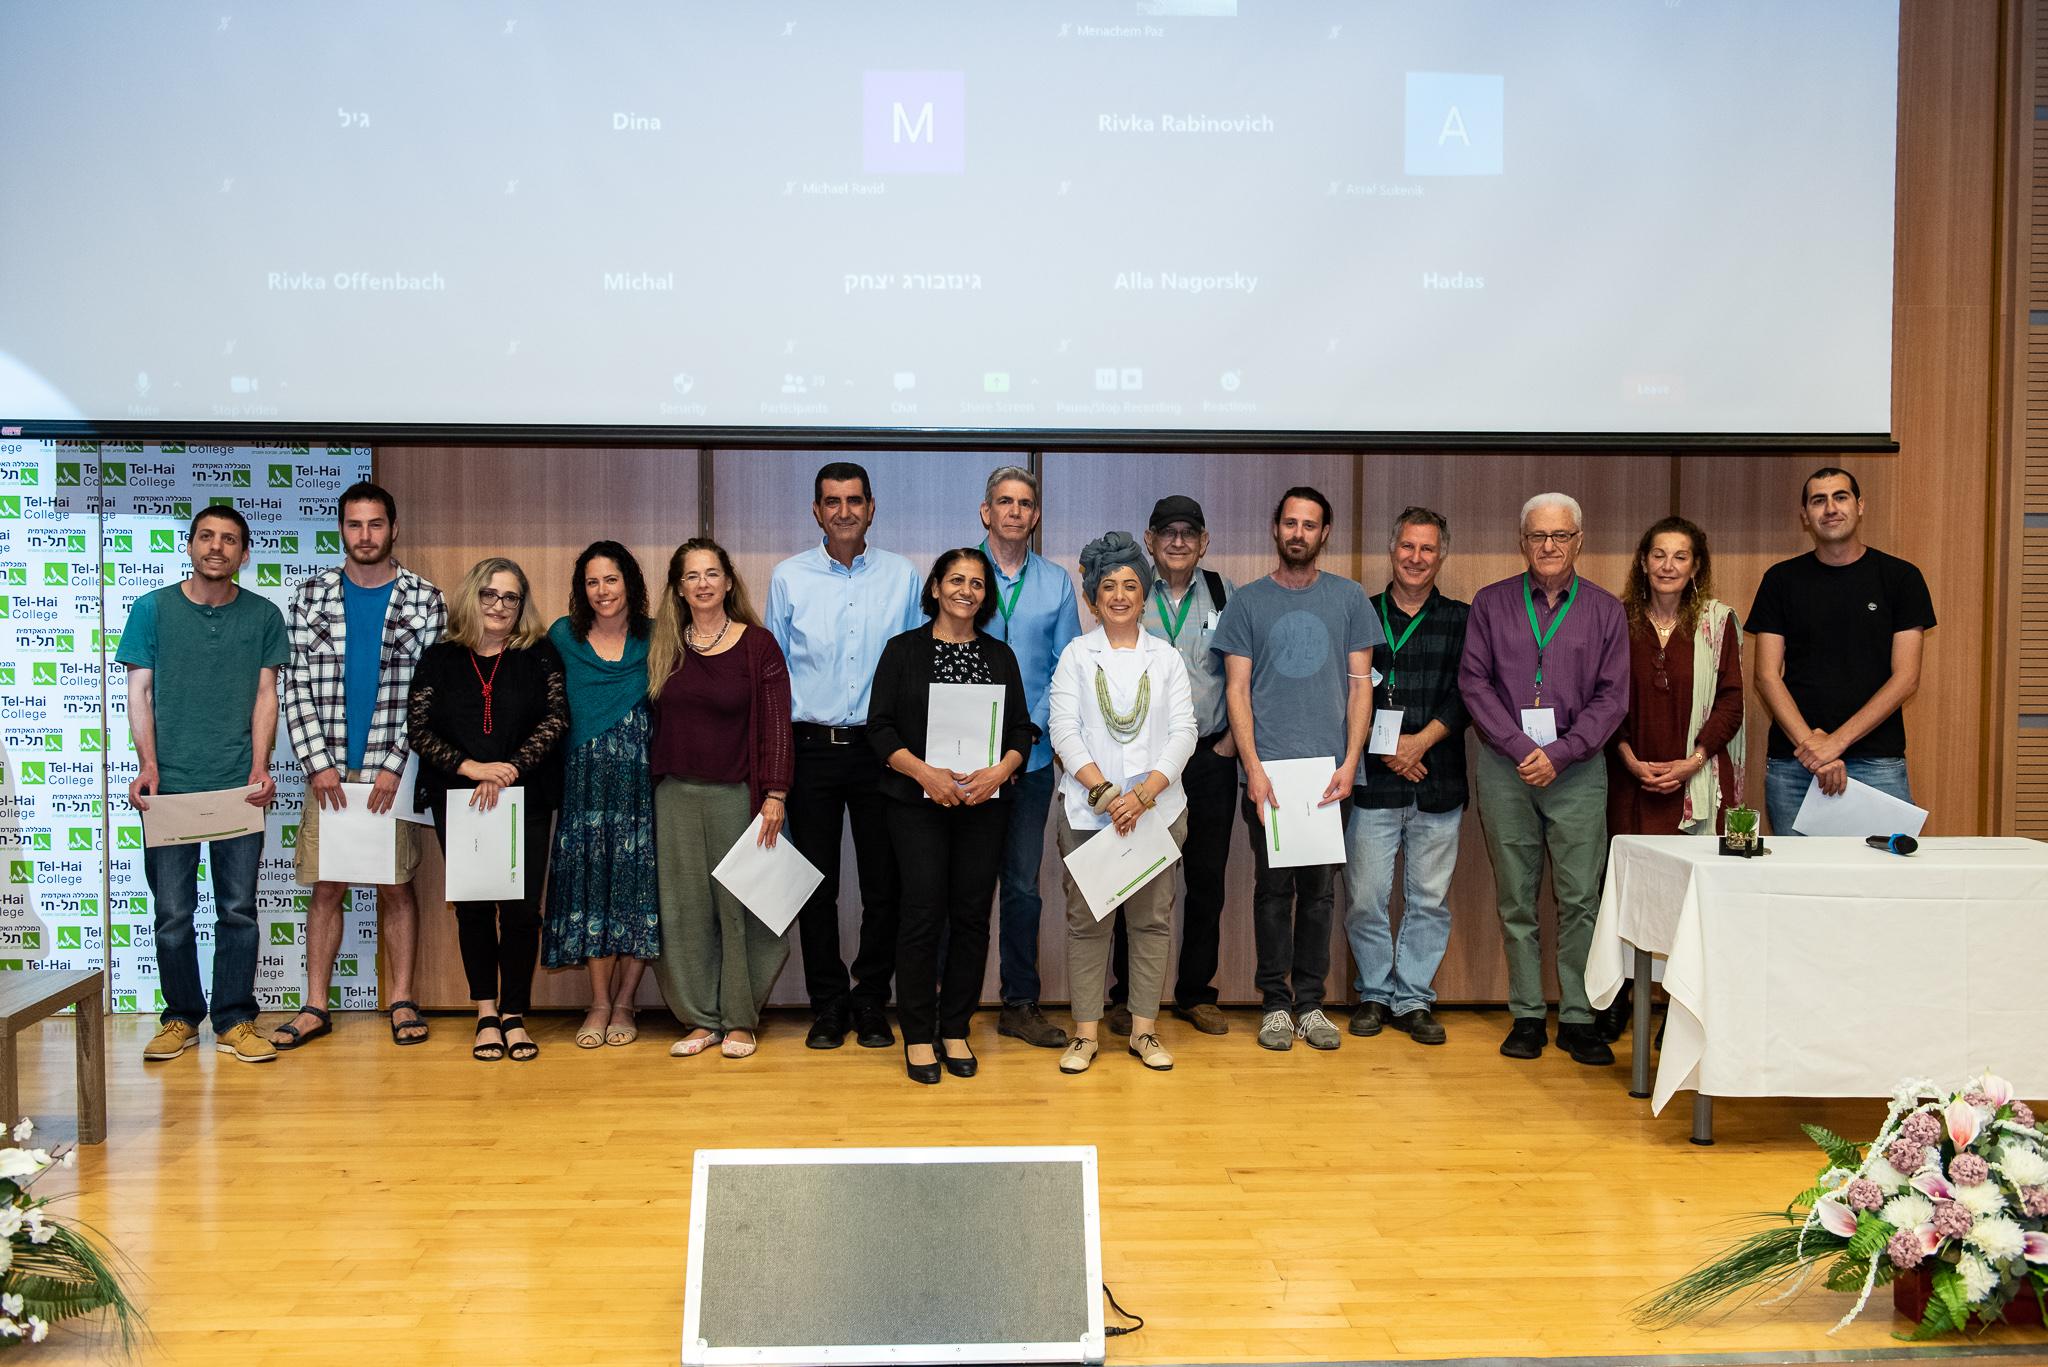 """פרסי קק""""ל על עבודות מחקר מצטיינות הוענקו לסטודנטים מהמכללה האקדמית תל חי"""